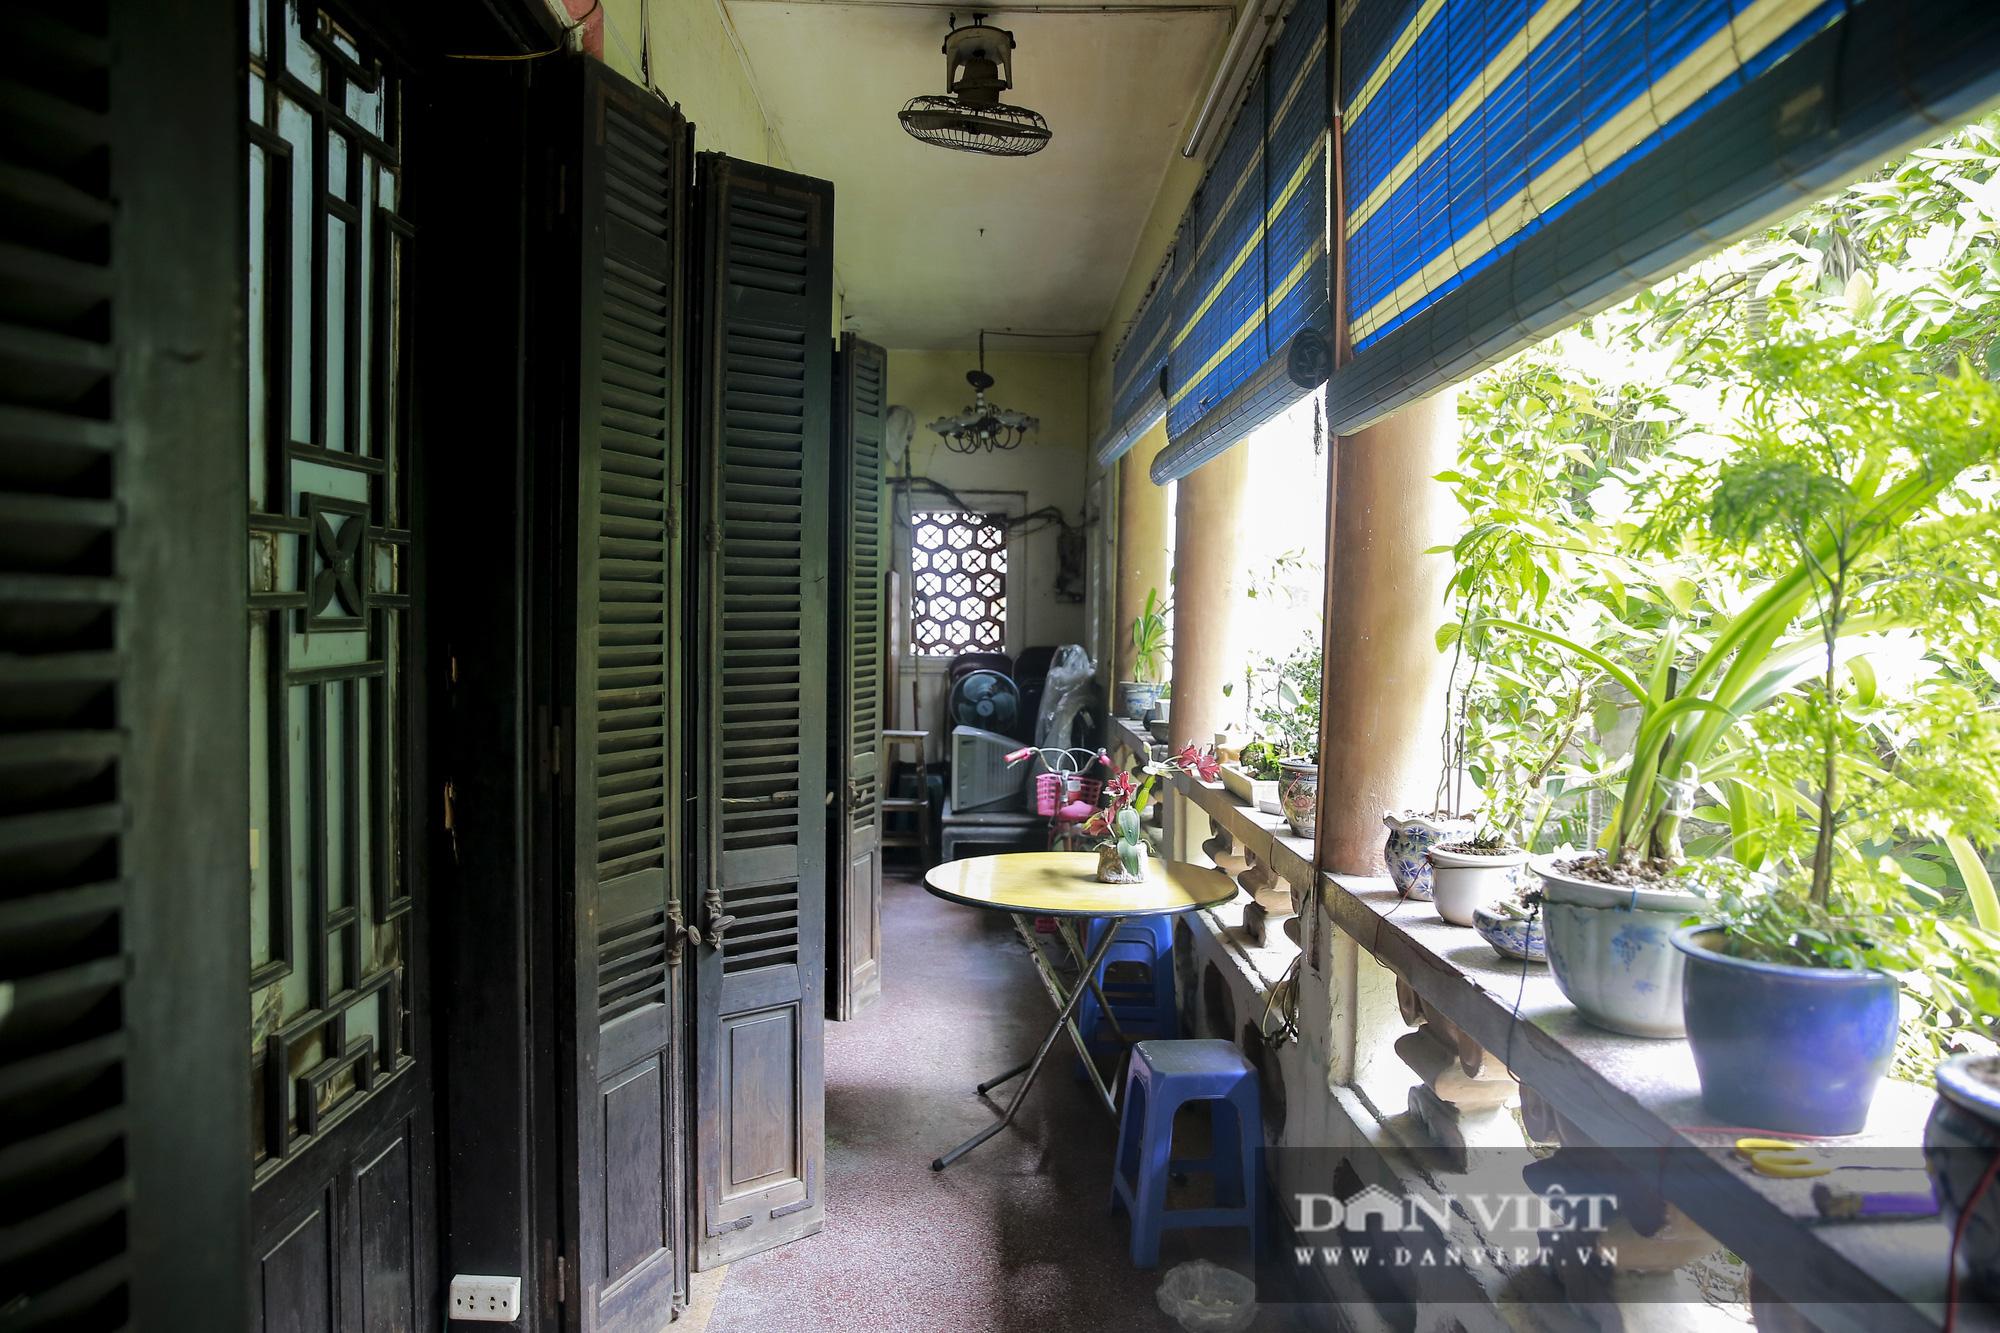 Khám phá ngôi nhà vườn xuyên phố duy nhất ở phố cổ Hà Nội - Ảnh 7.